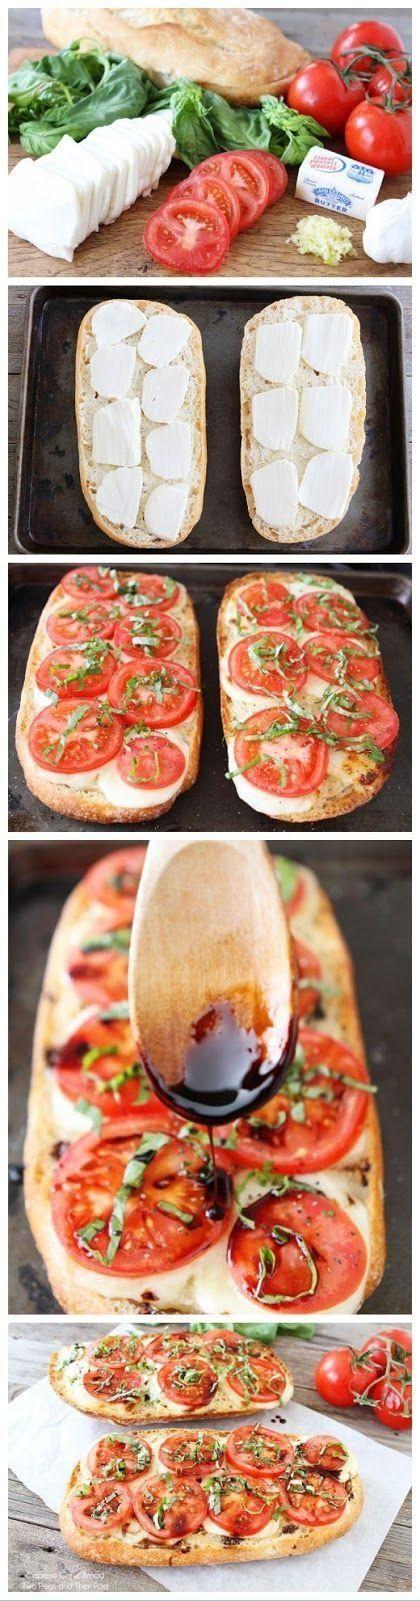 Caprese Garlic Bread